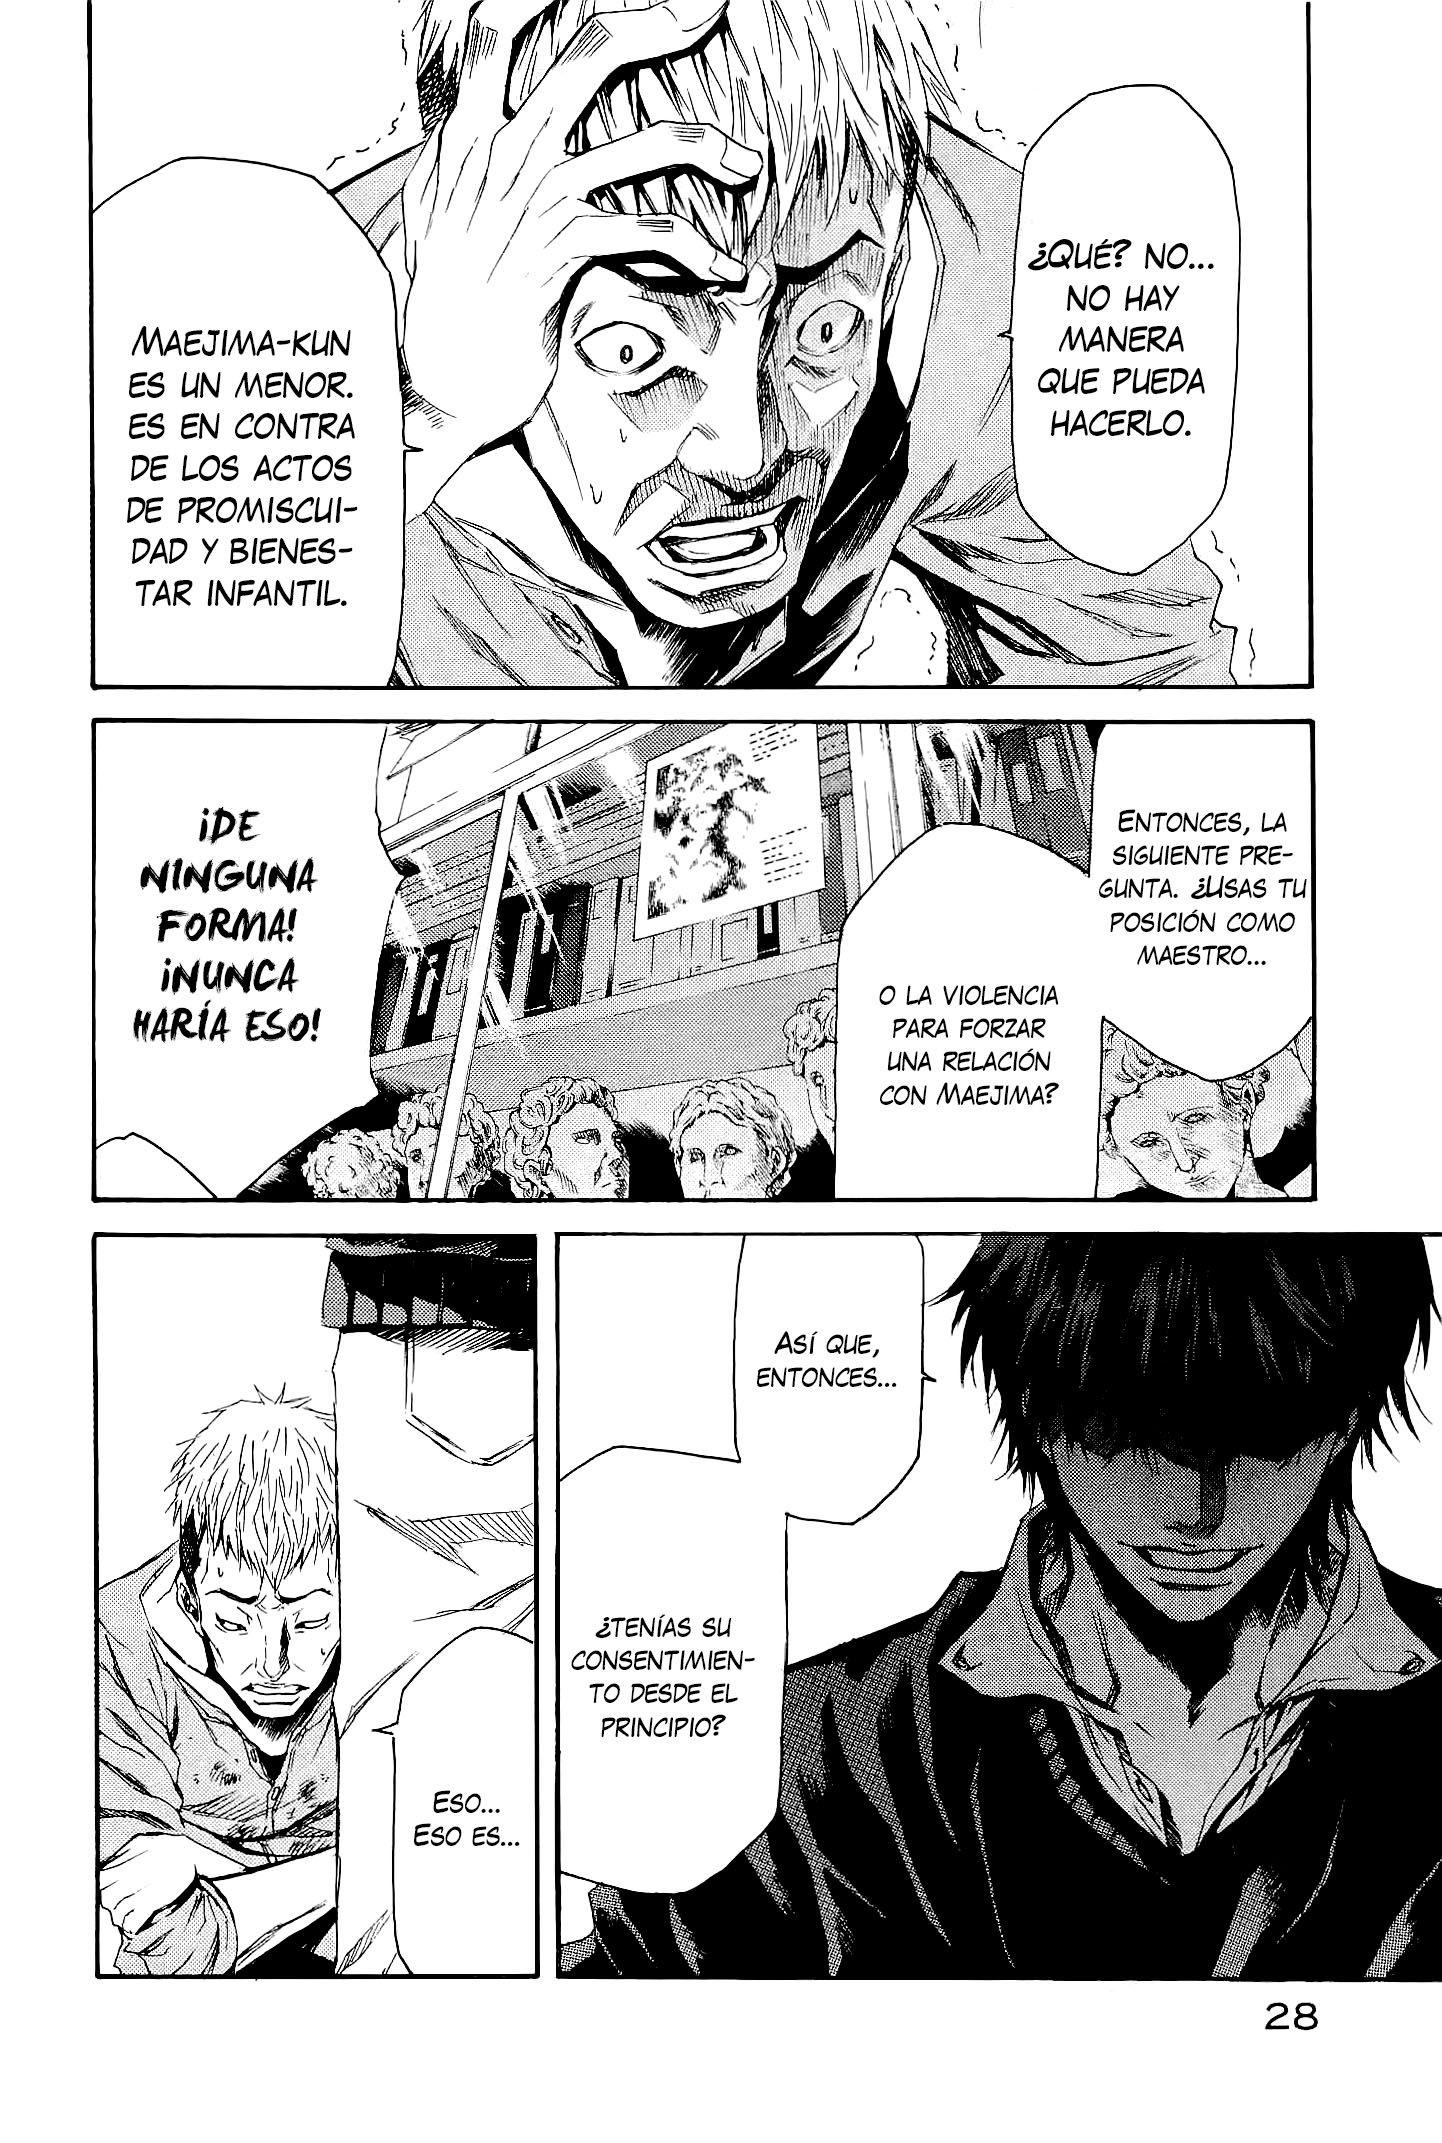 https://c5.ninemanga.com/es_manga/3/19523/468638/9a81461fef5cbe034c0785db895345f1.jpg Page 31